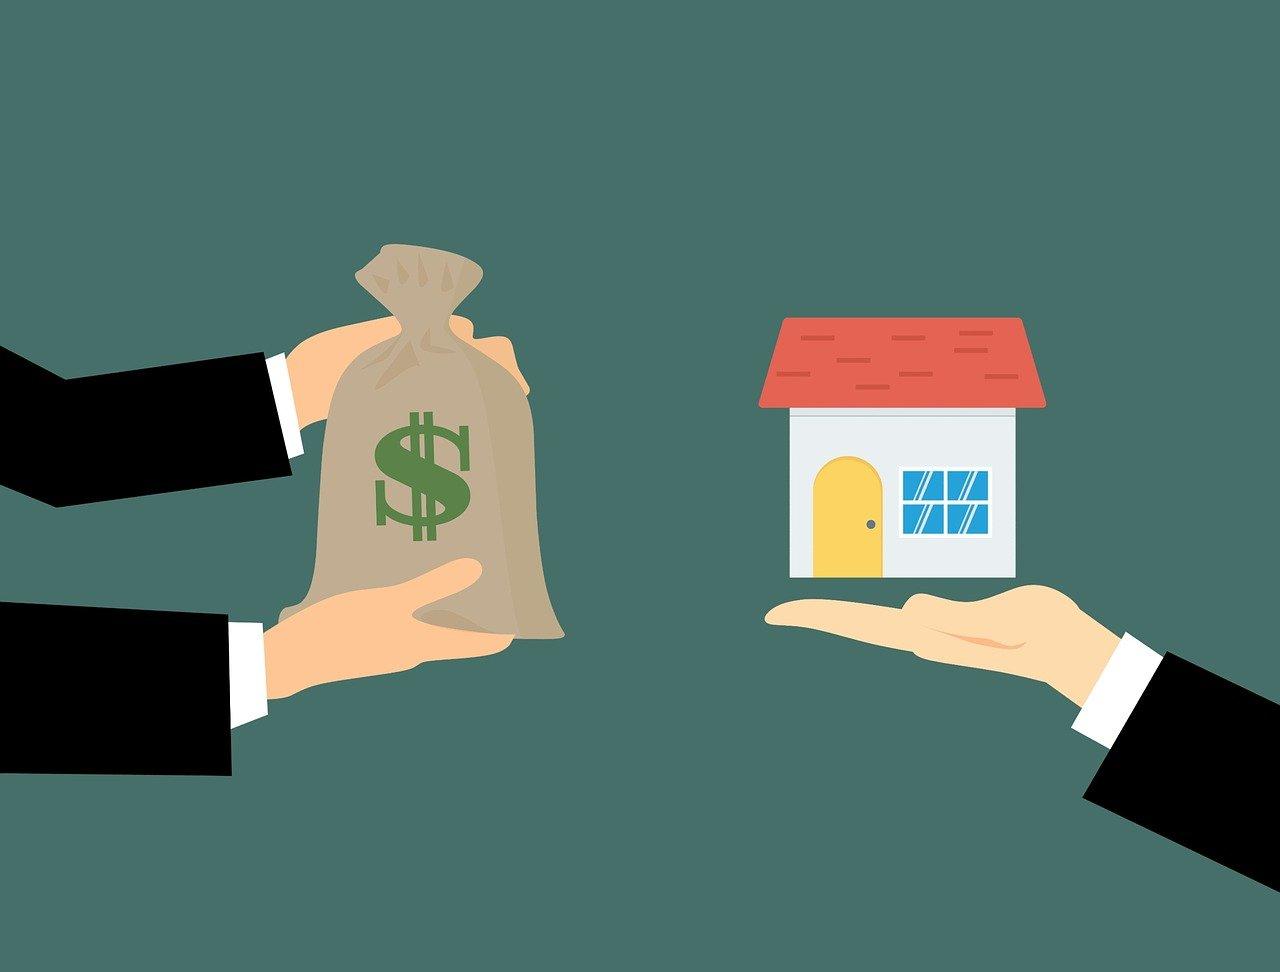 4 conseils pour défiscaliser grâce à l'immobilier?